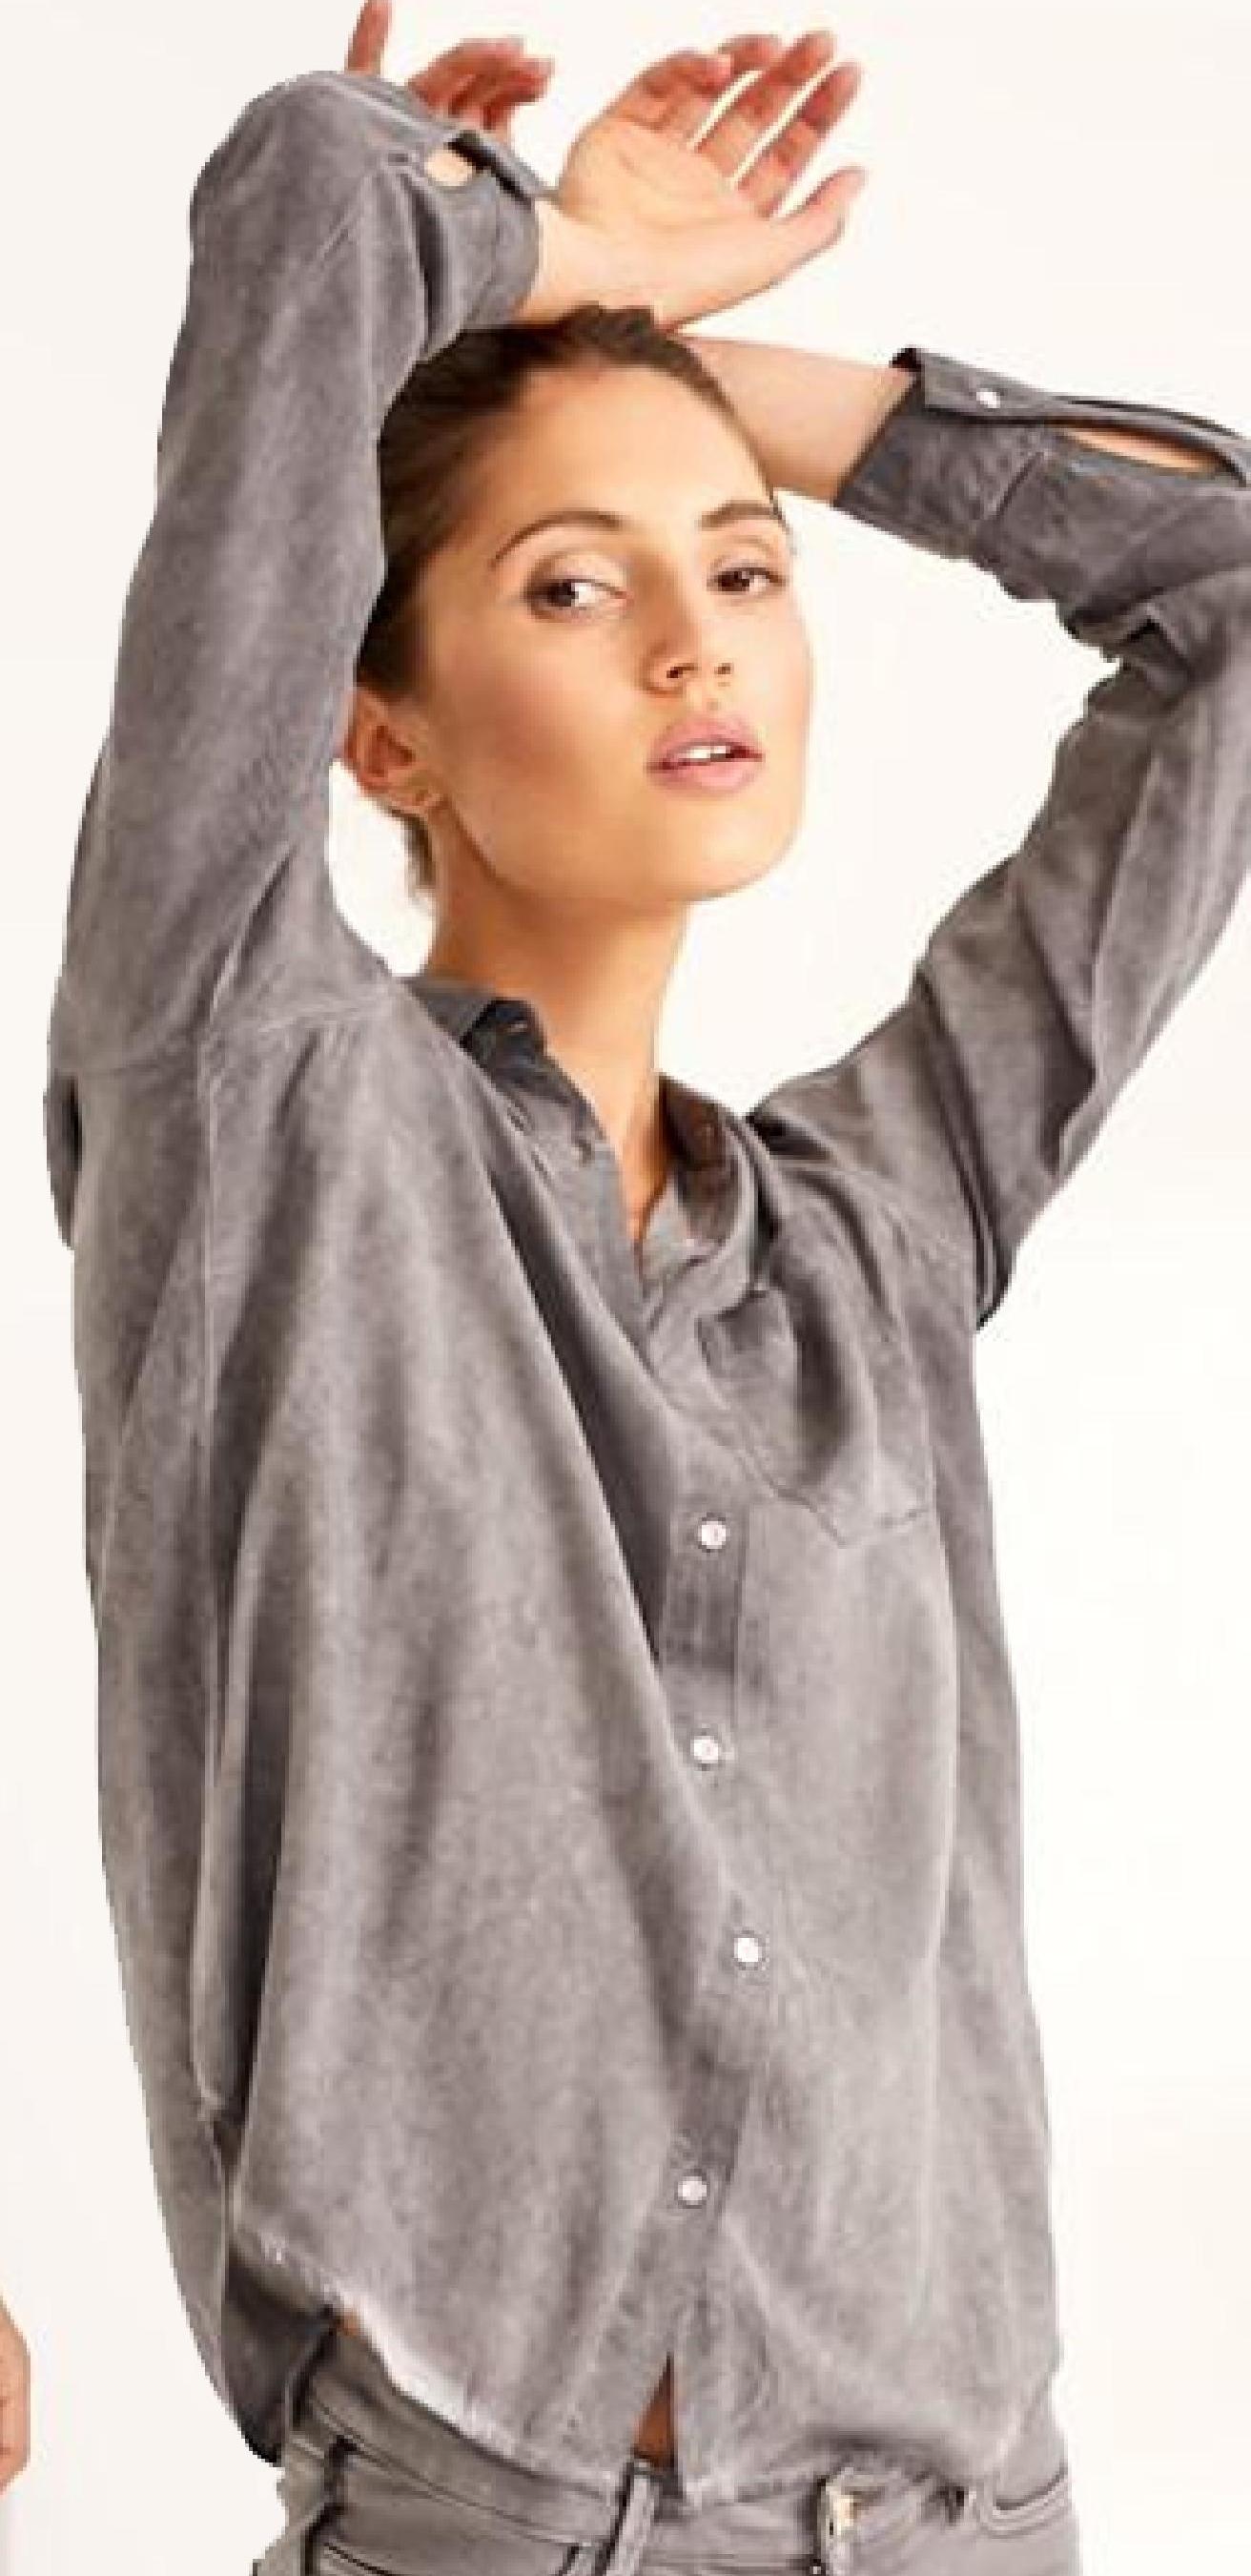 Koszula damska Diverse niska cena